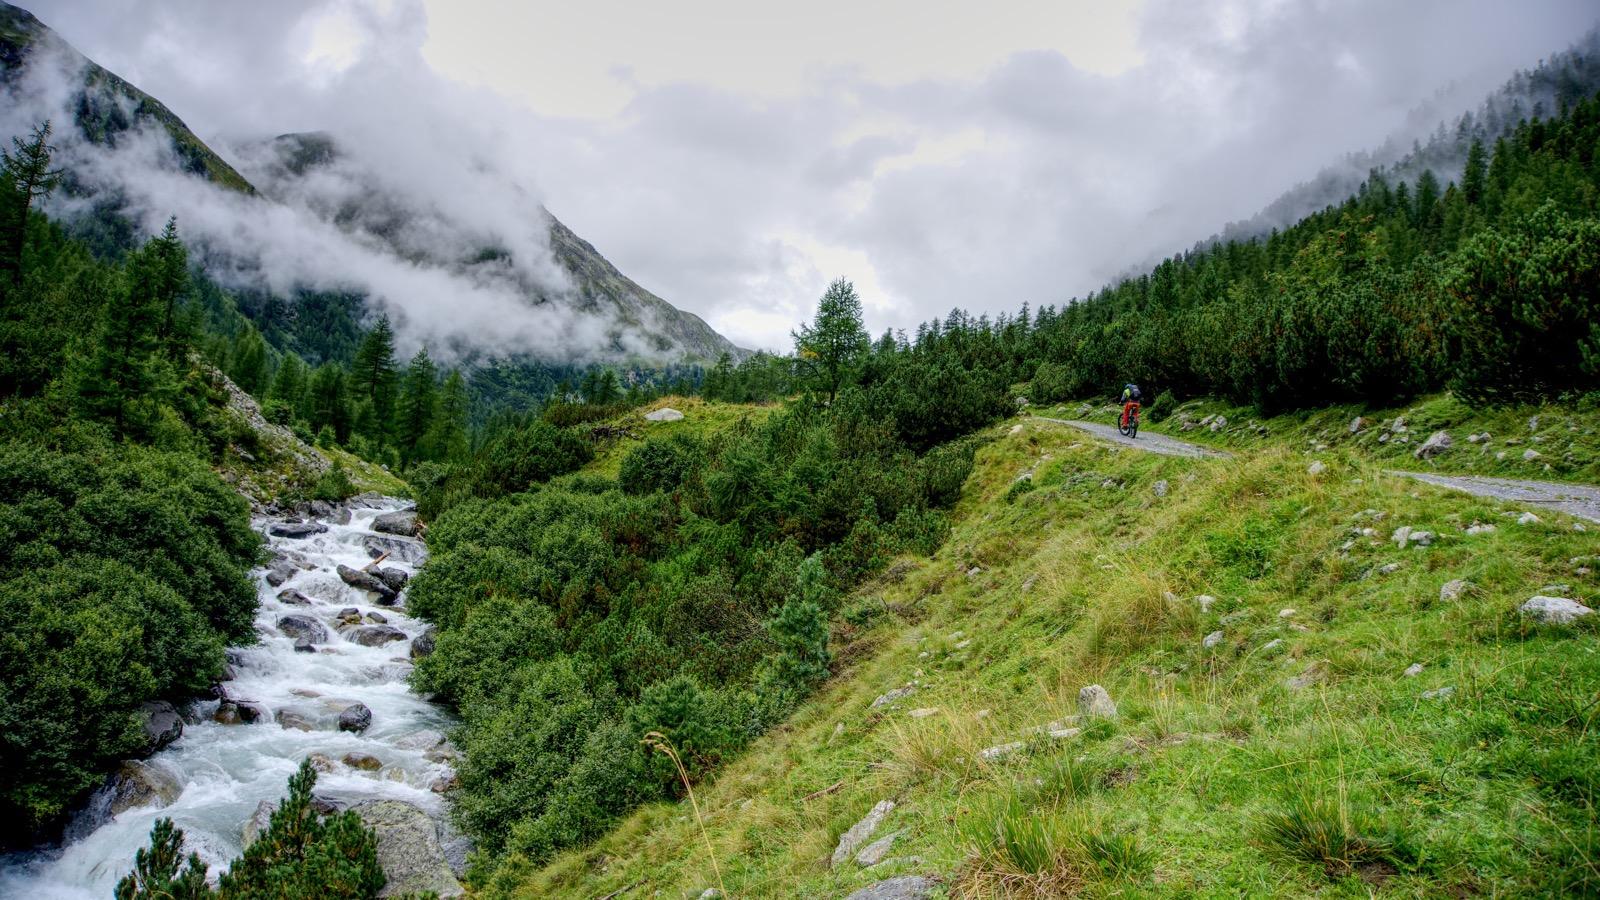 Anstieg zur Alp Funtauna.